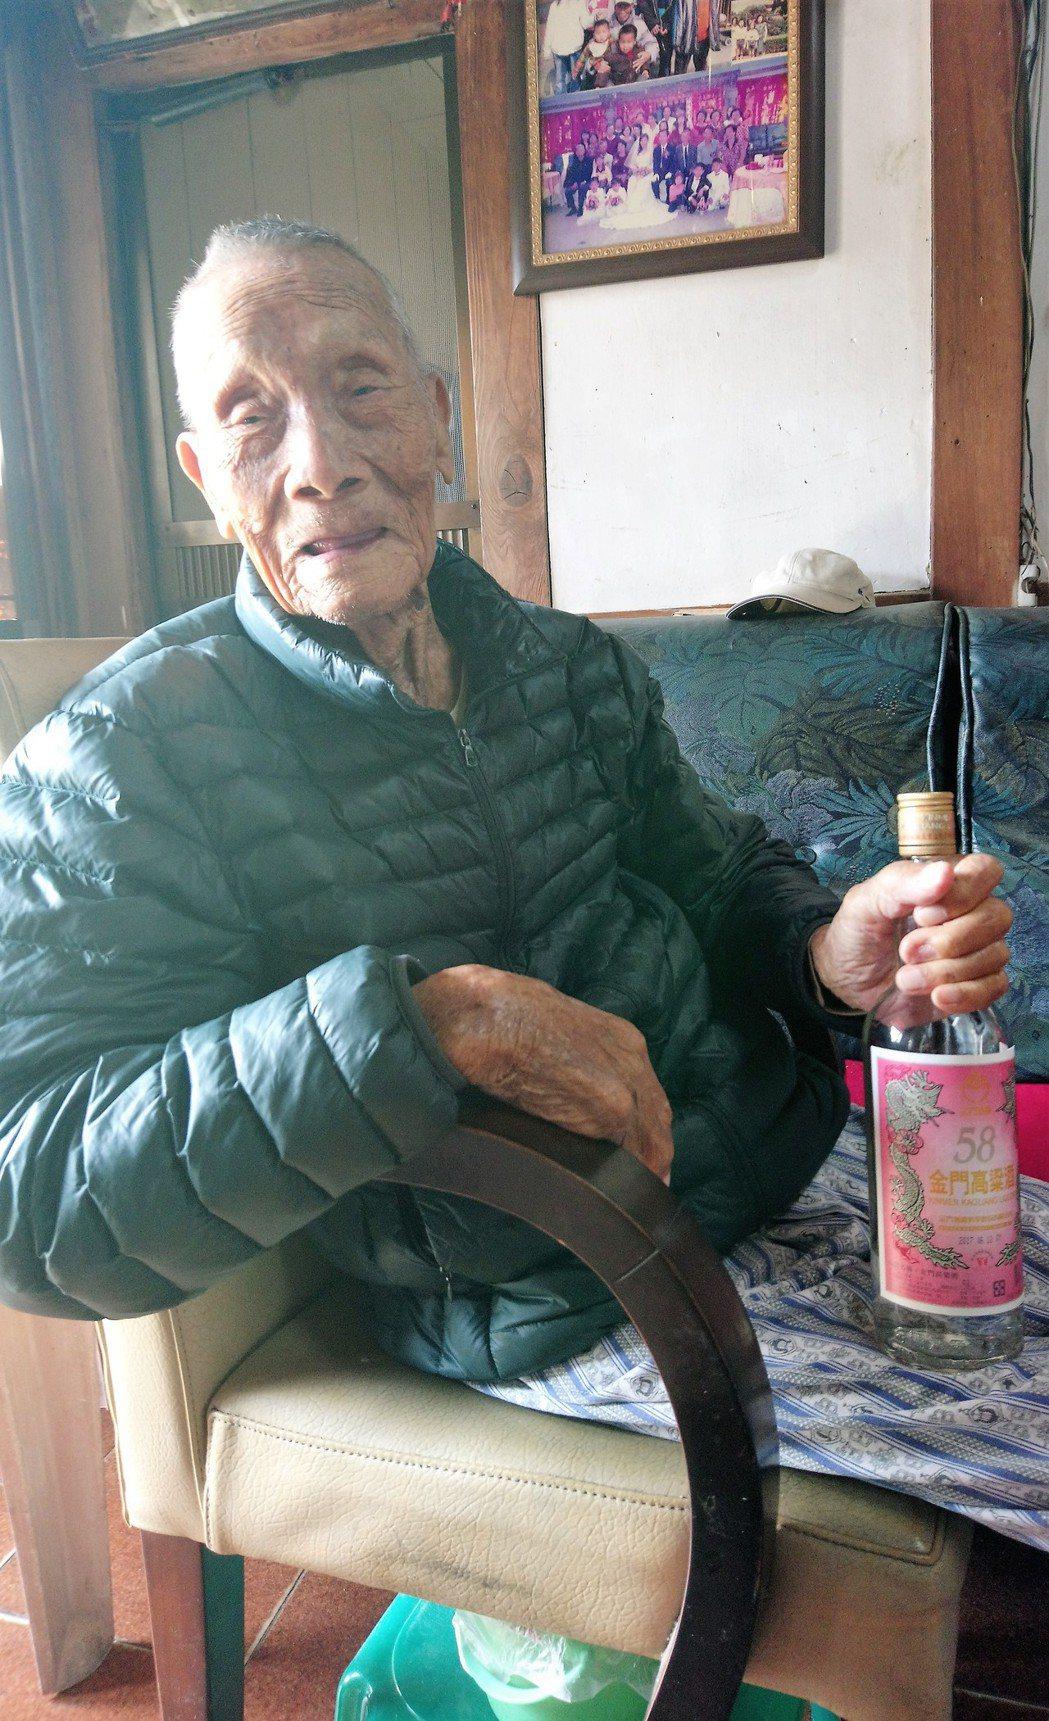 陳爽生於民國4年,雖然超過百歲高齡,仍然耳聰目明、不需要助聽器,說起話更是聲音宏...